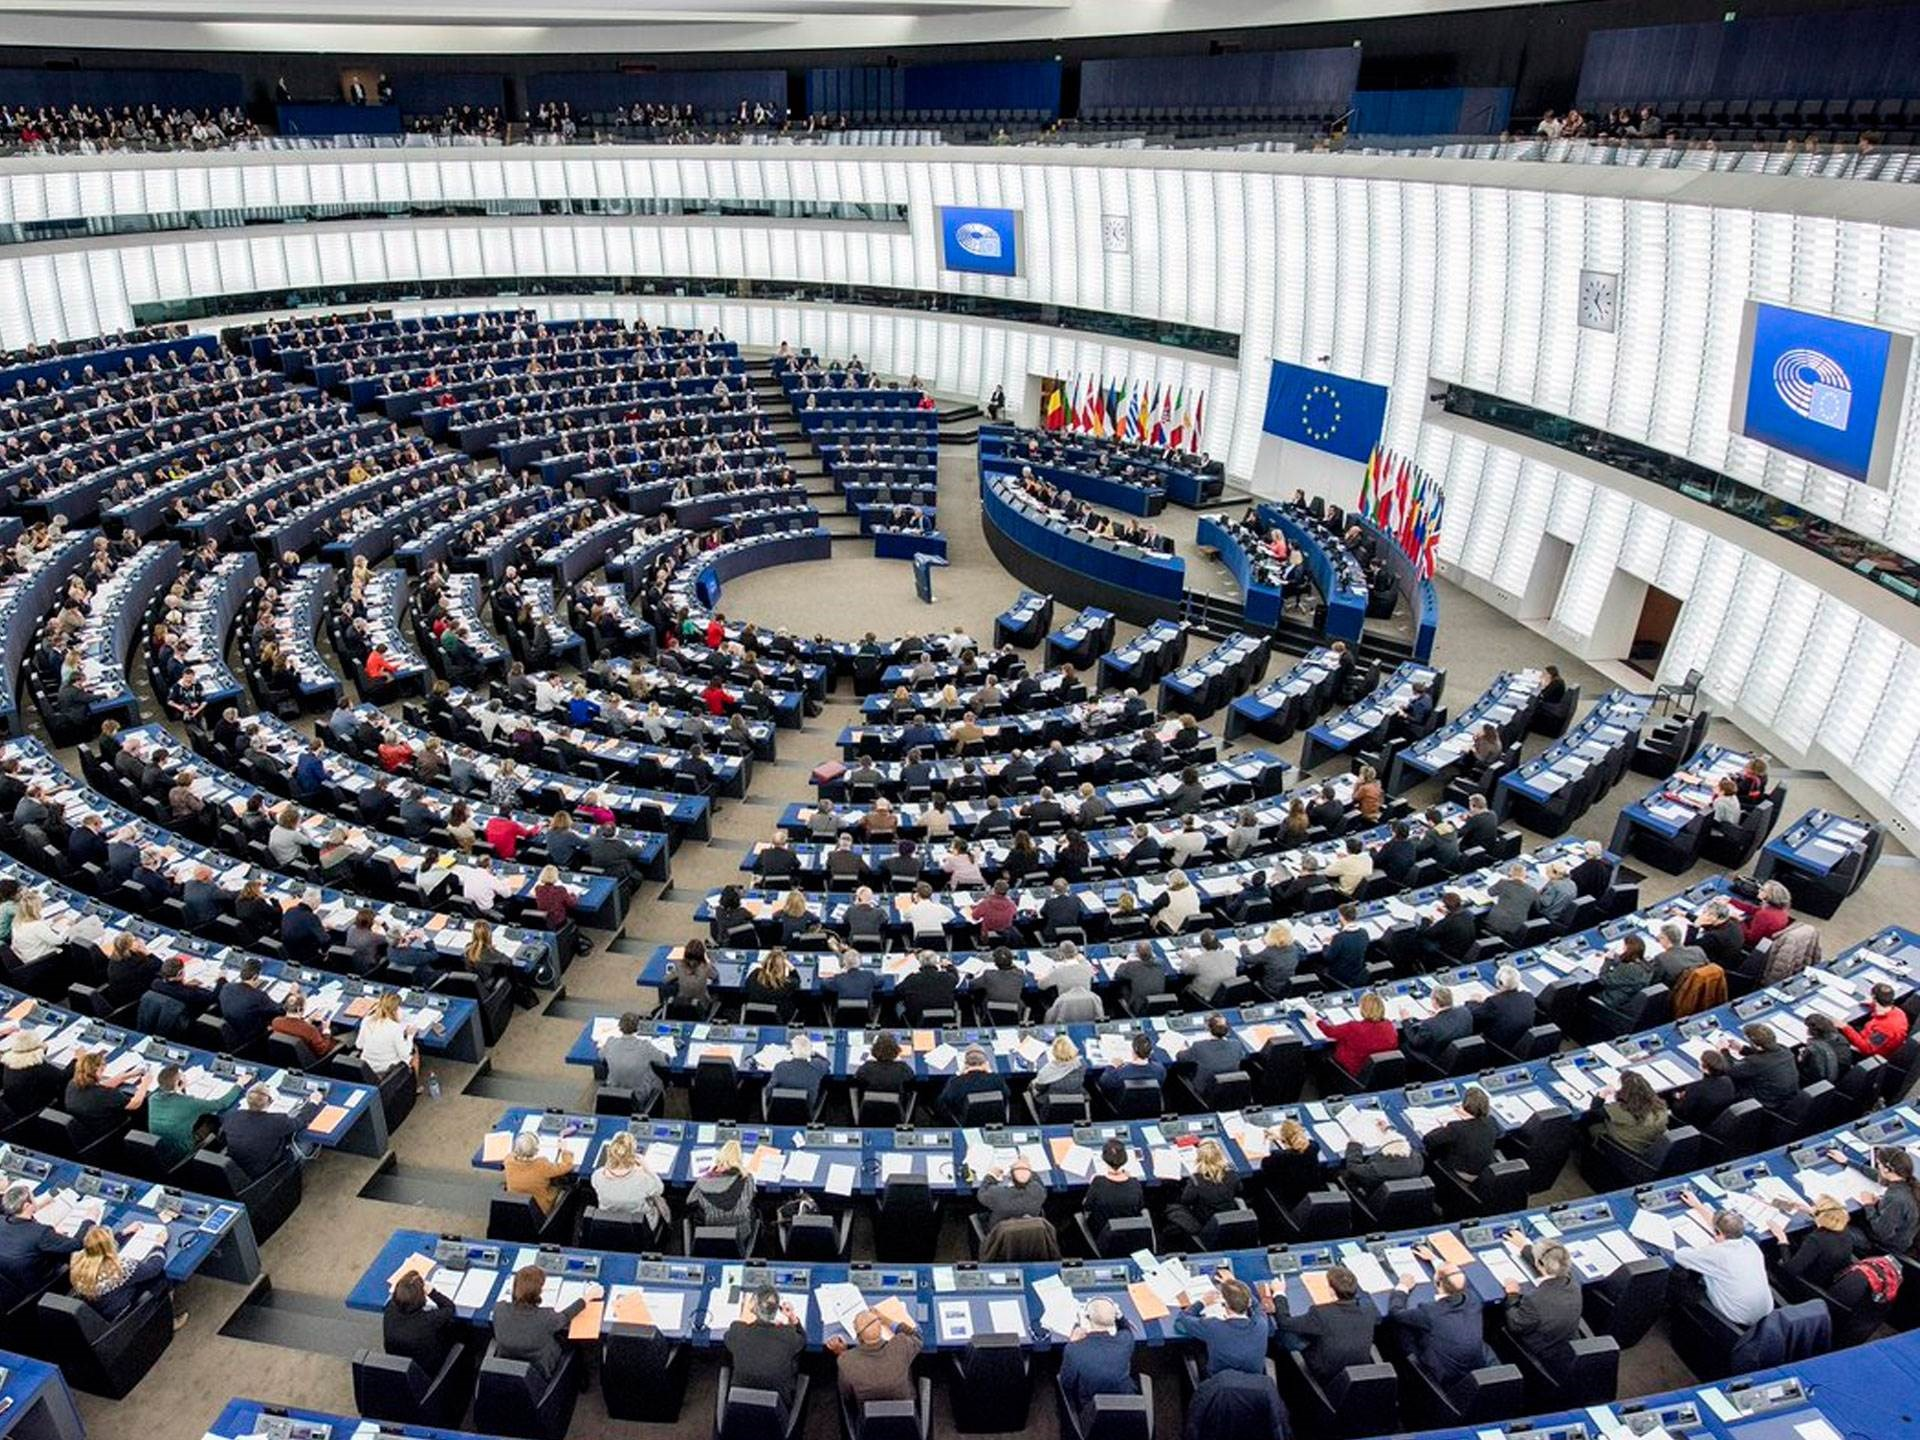 دعا البرلمان الأوروبي إلى حظر تزويد الدول التي وصفها بالقمعية بمعدات وتكنولوجيا المراقبة